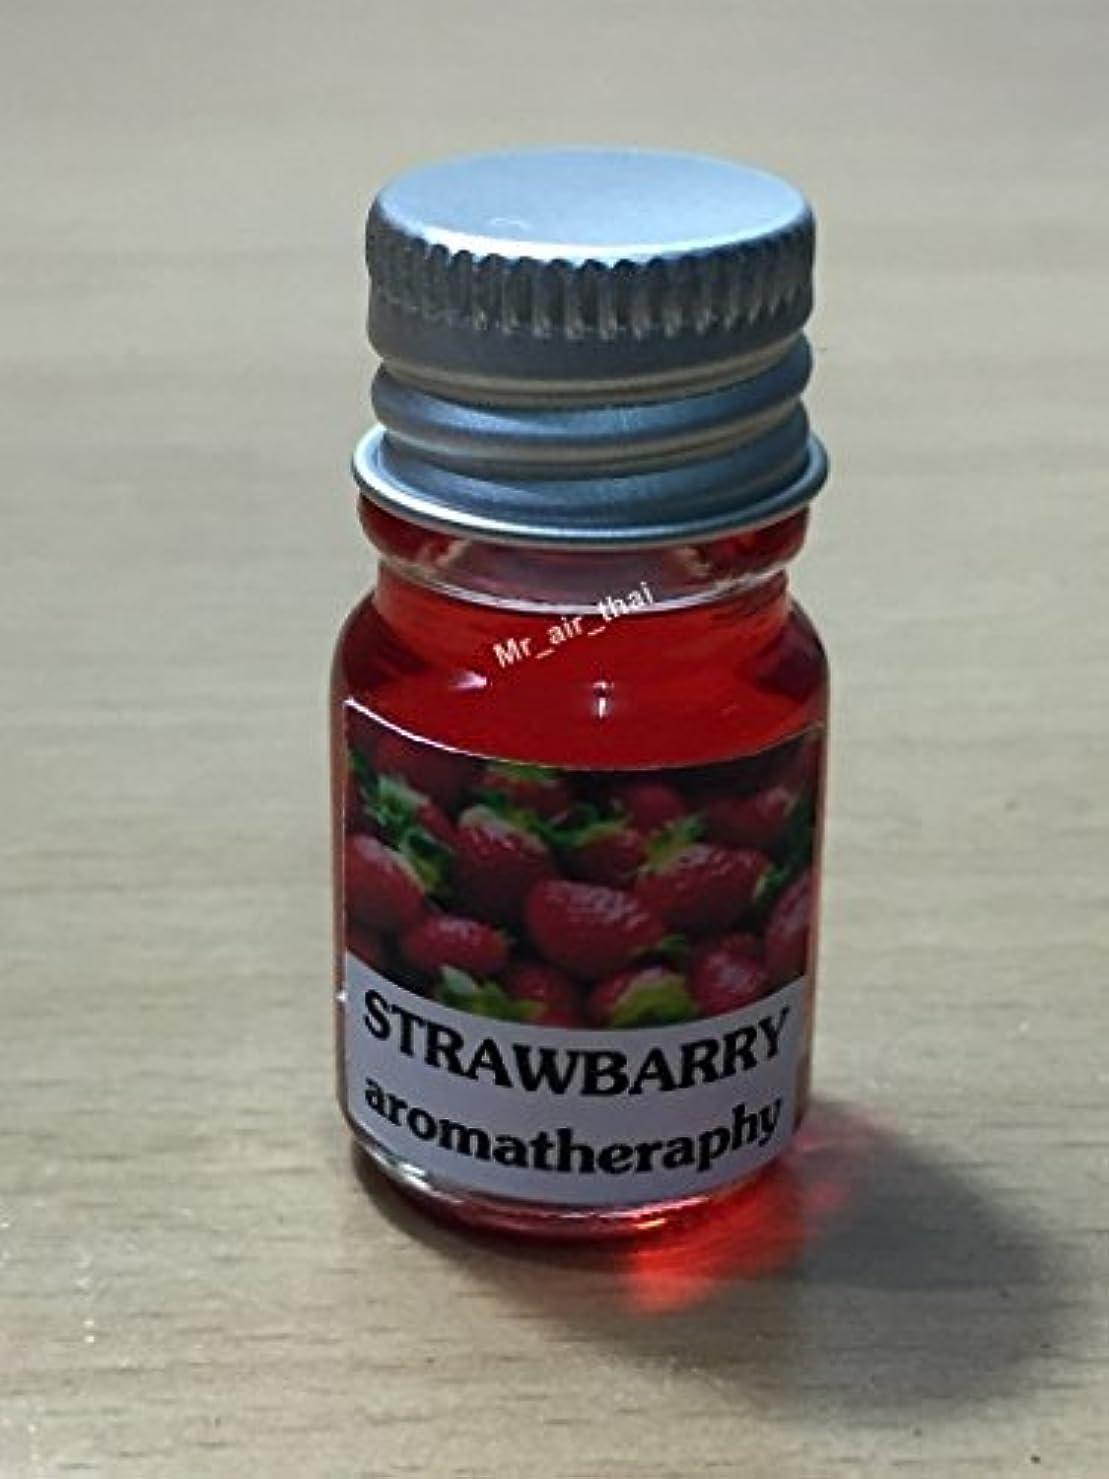 ビジネススキップコンピューター5ミリリットルアロマイチゴフランクインセンスエッセンシャルオイルボトルアロマテラピーオイル自然自然5ml Aroma Strawberry Frankincense Essential Oil Bottles Aromatherapy...